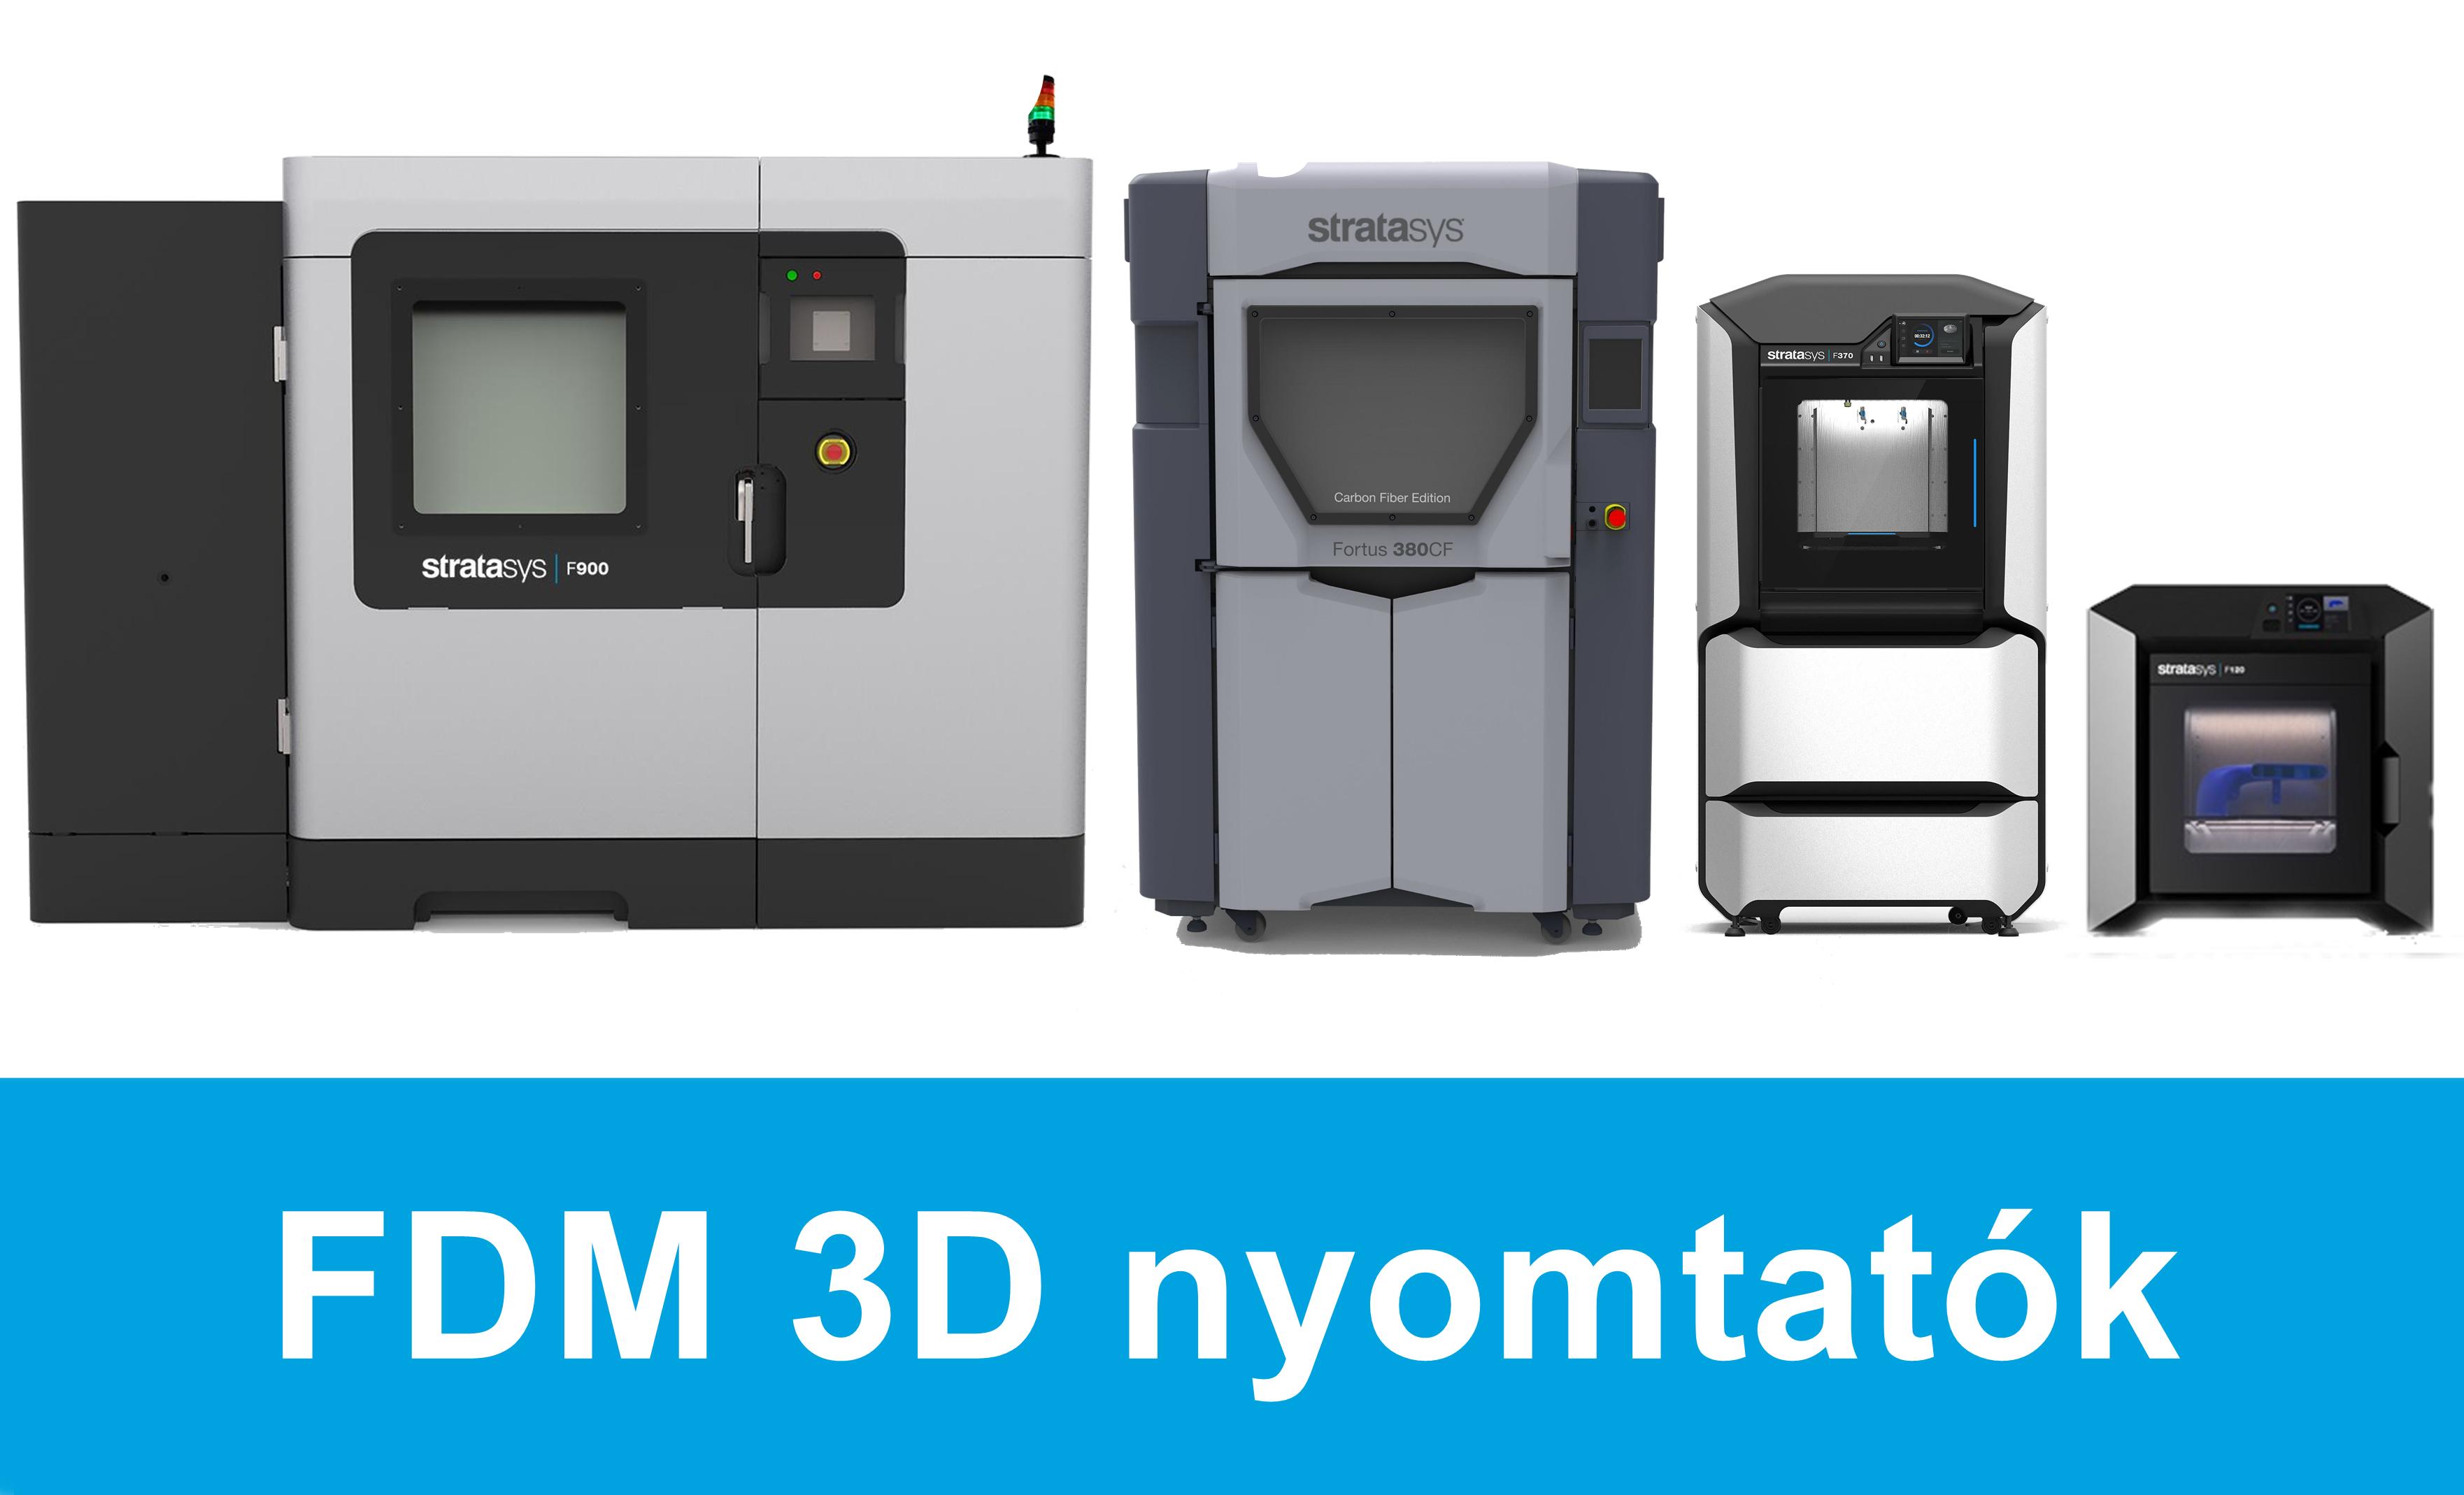 FDM 3D nyomtatók